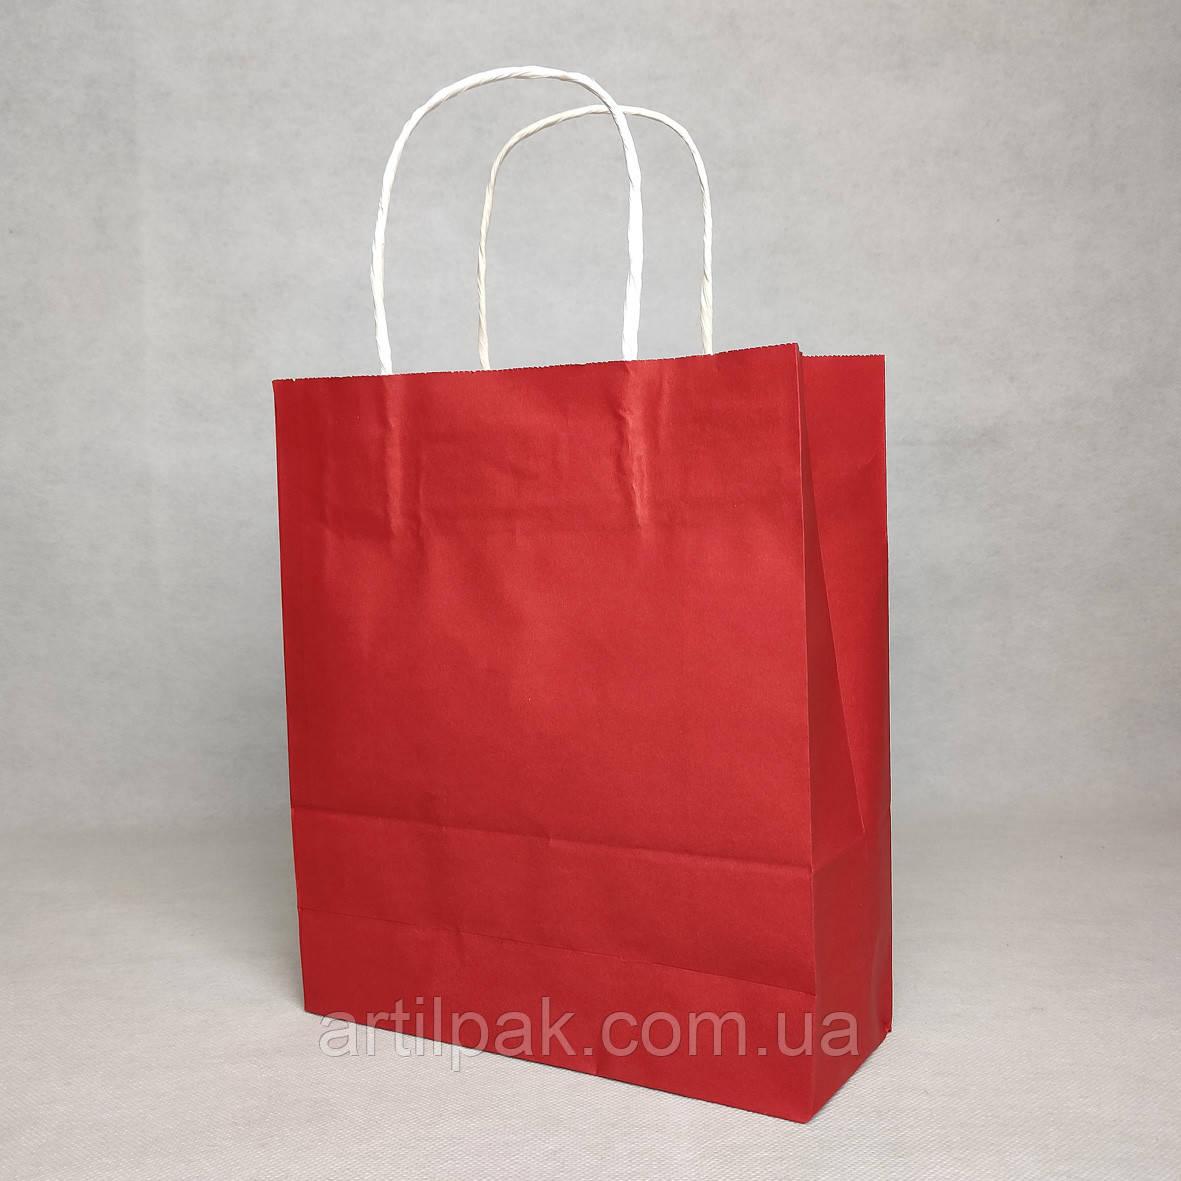 Пакет паперовий 240*200*80 червоний з плоским дном та крученими ручками 100г/м2